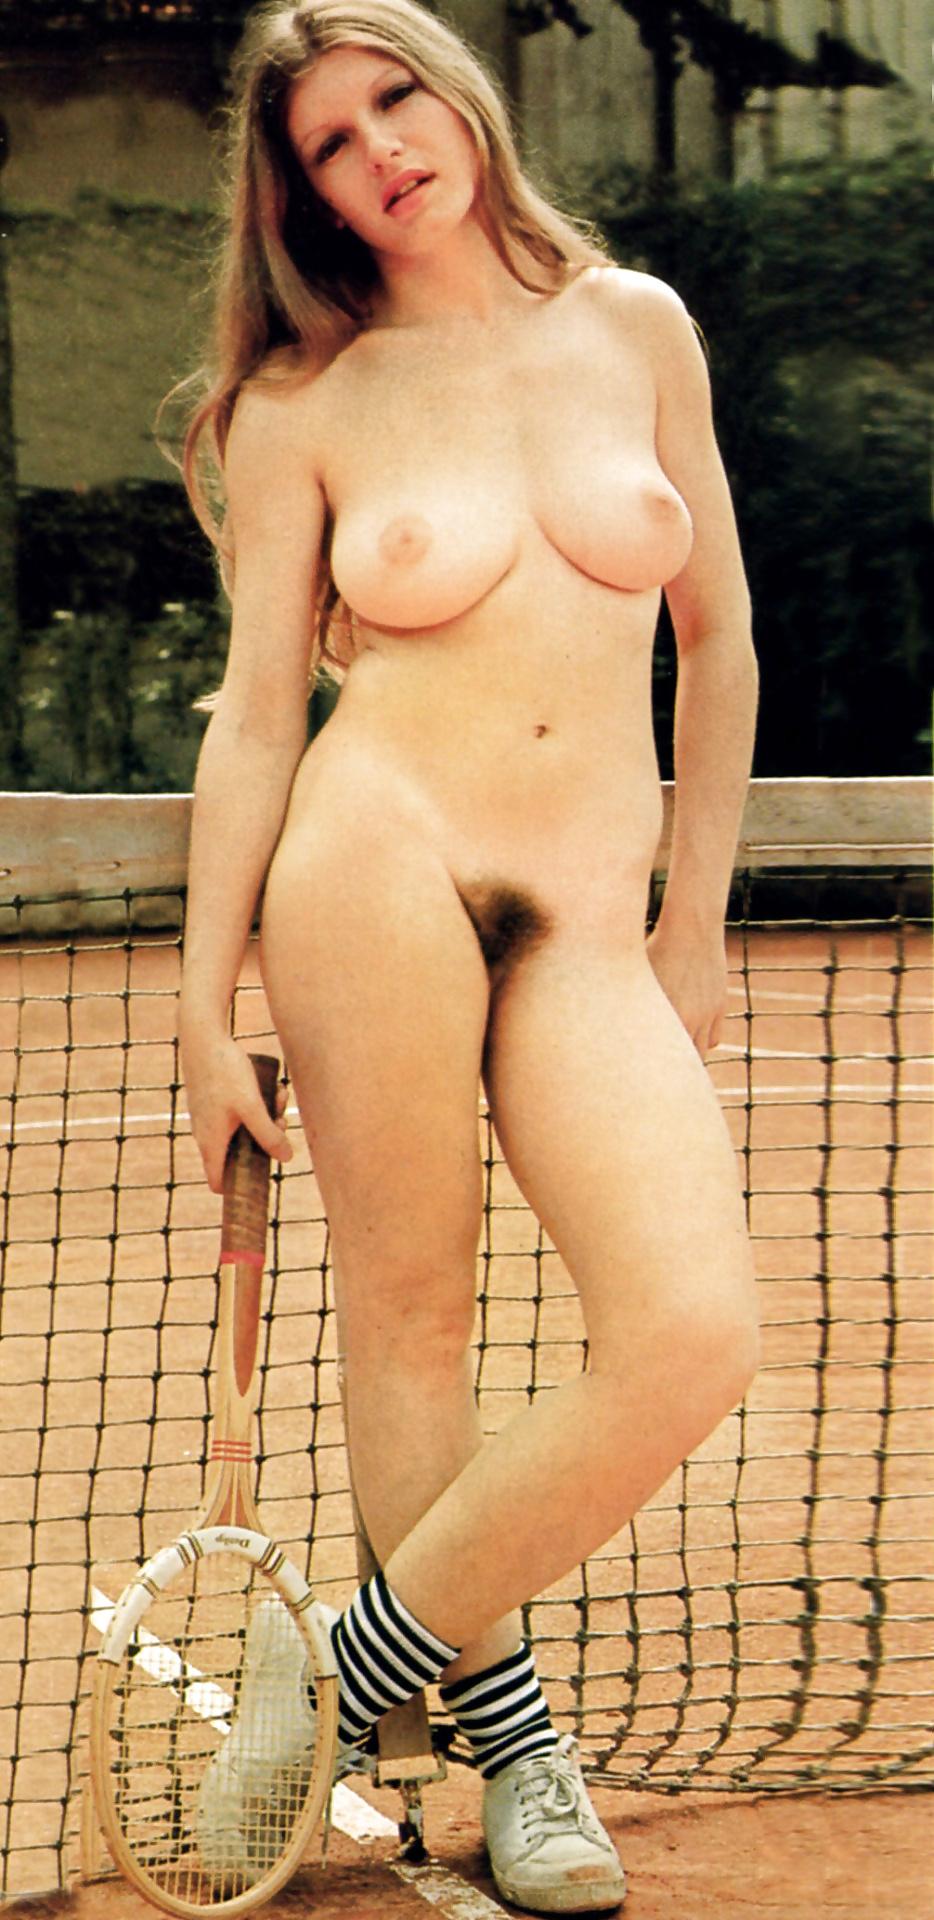 Vintage pics nude Female Vintage